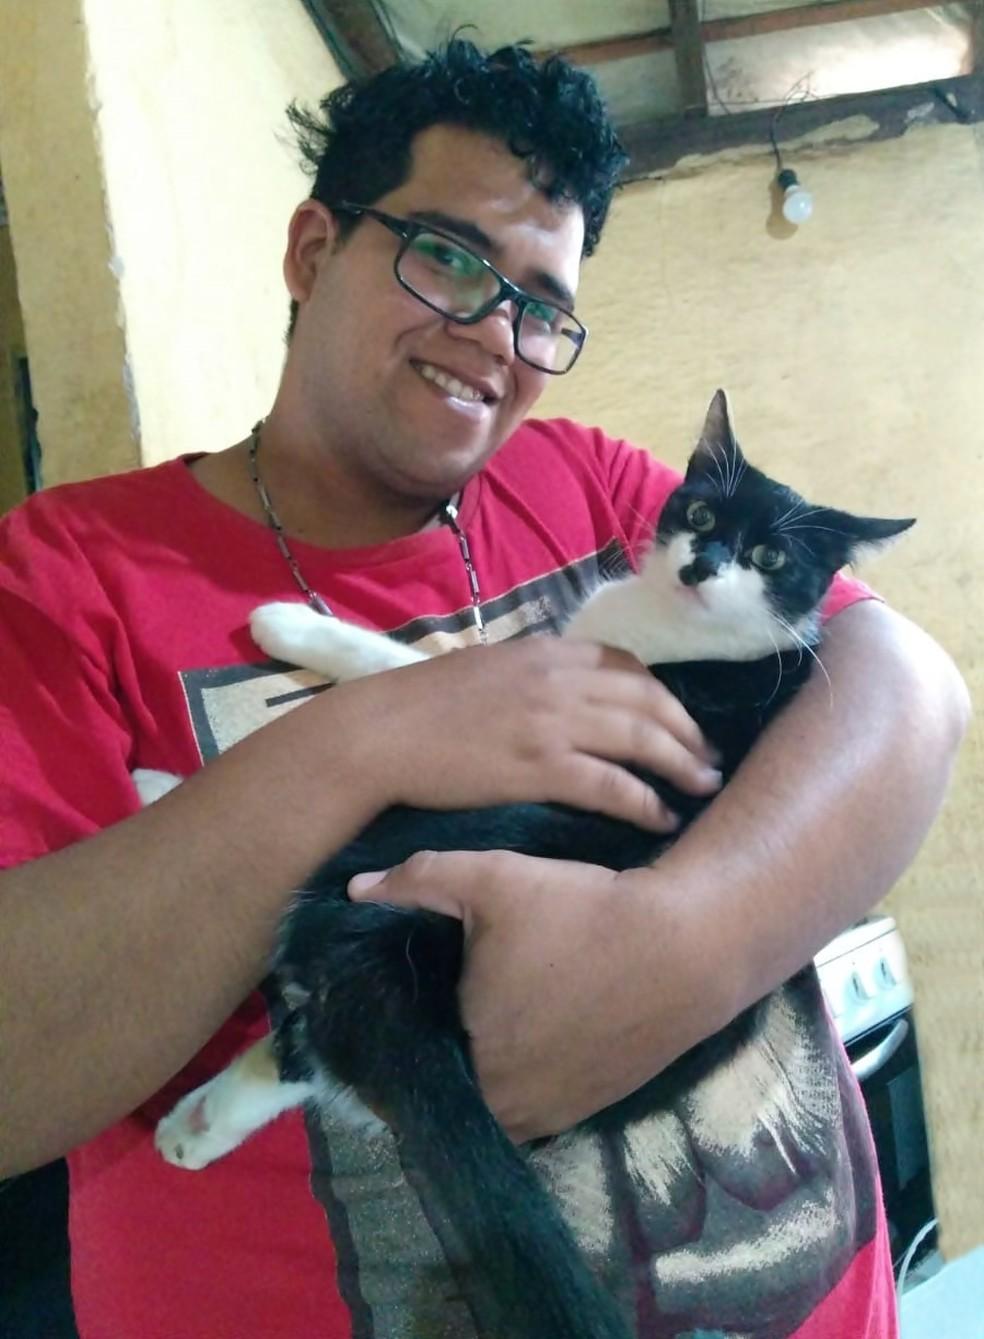 Tiago Queroz com a gata que adotou no Centro de Zoonoses de Catanduva (SP) — Foto: Arquivo pessoal